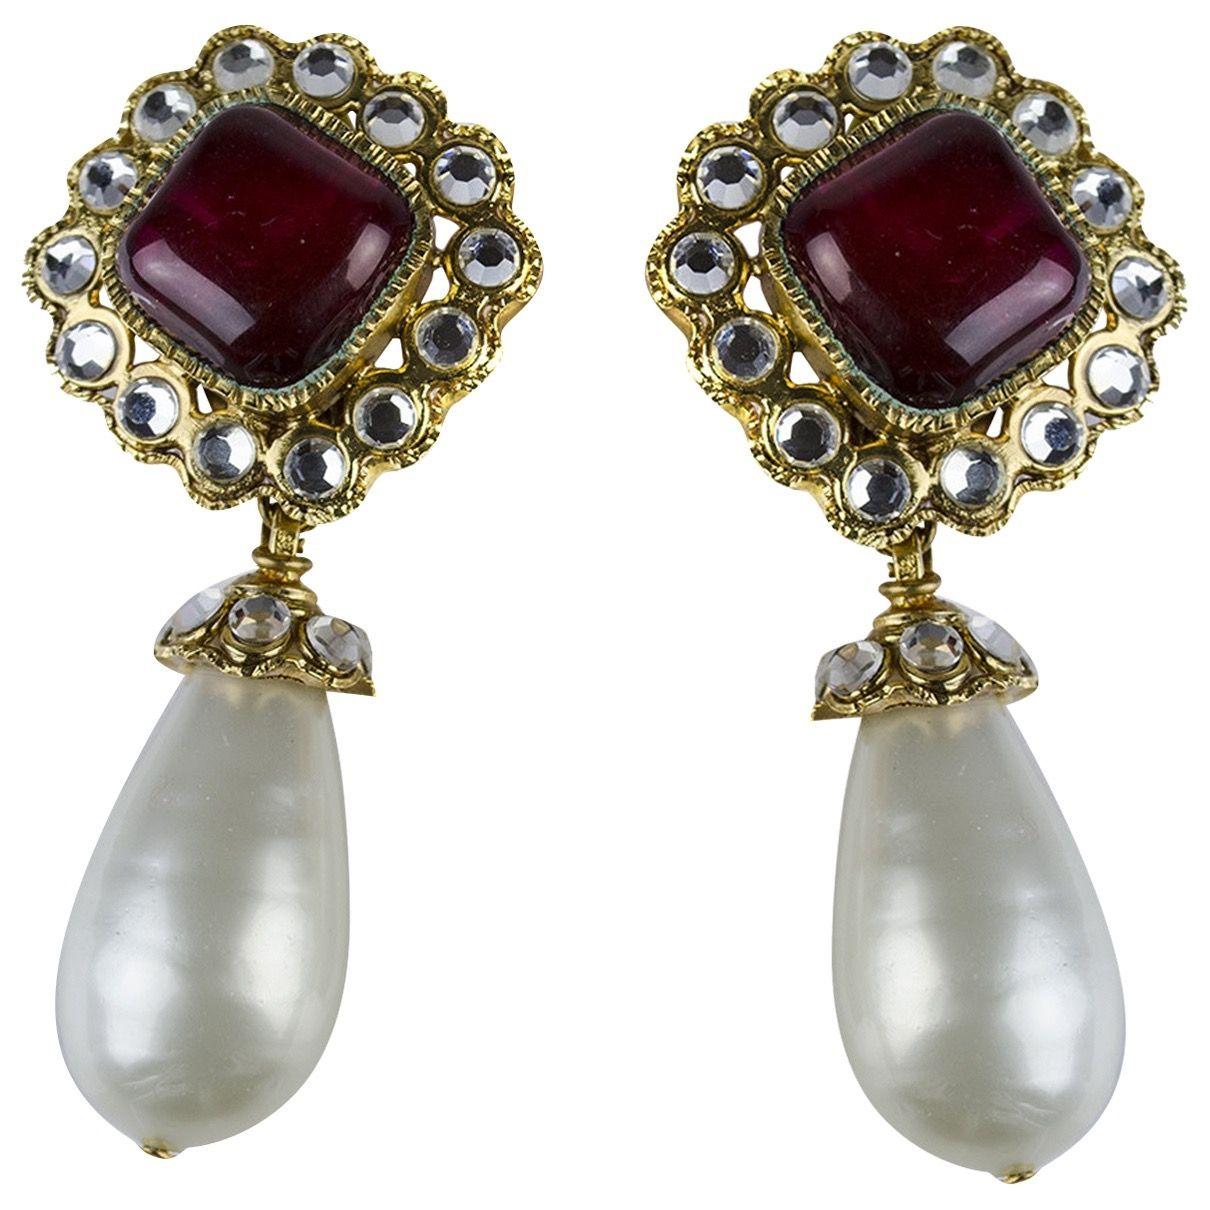 Chandelier Earrings Chanel Catchys